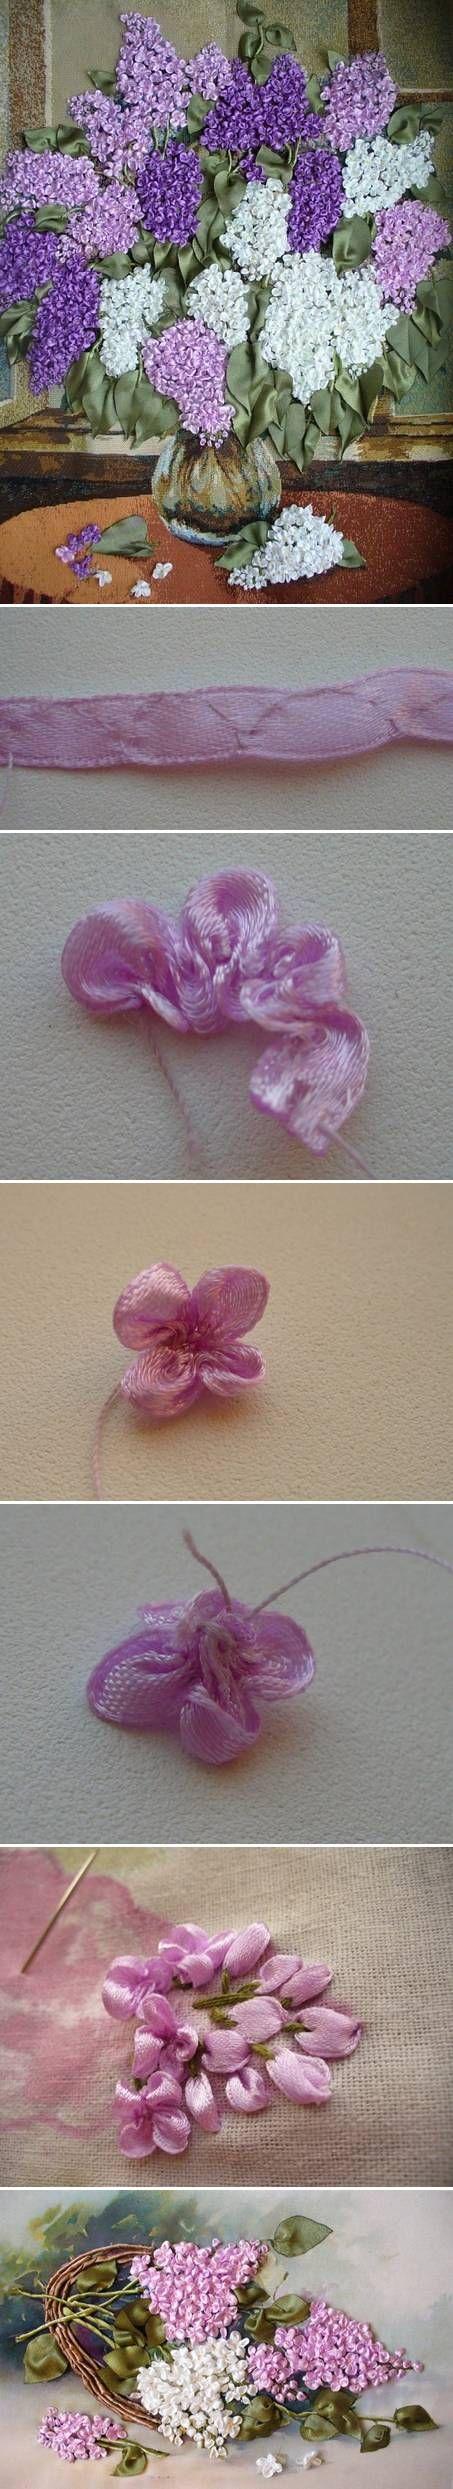 DIY Fabric Lilac Flowers bordado com fita